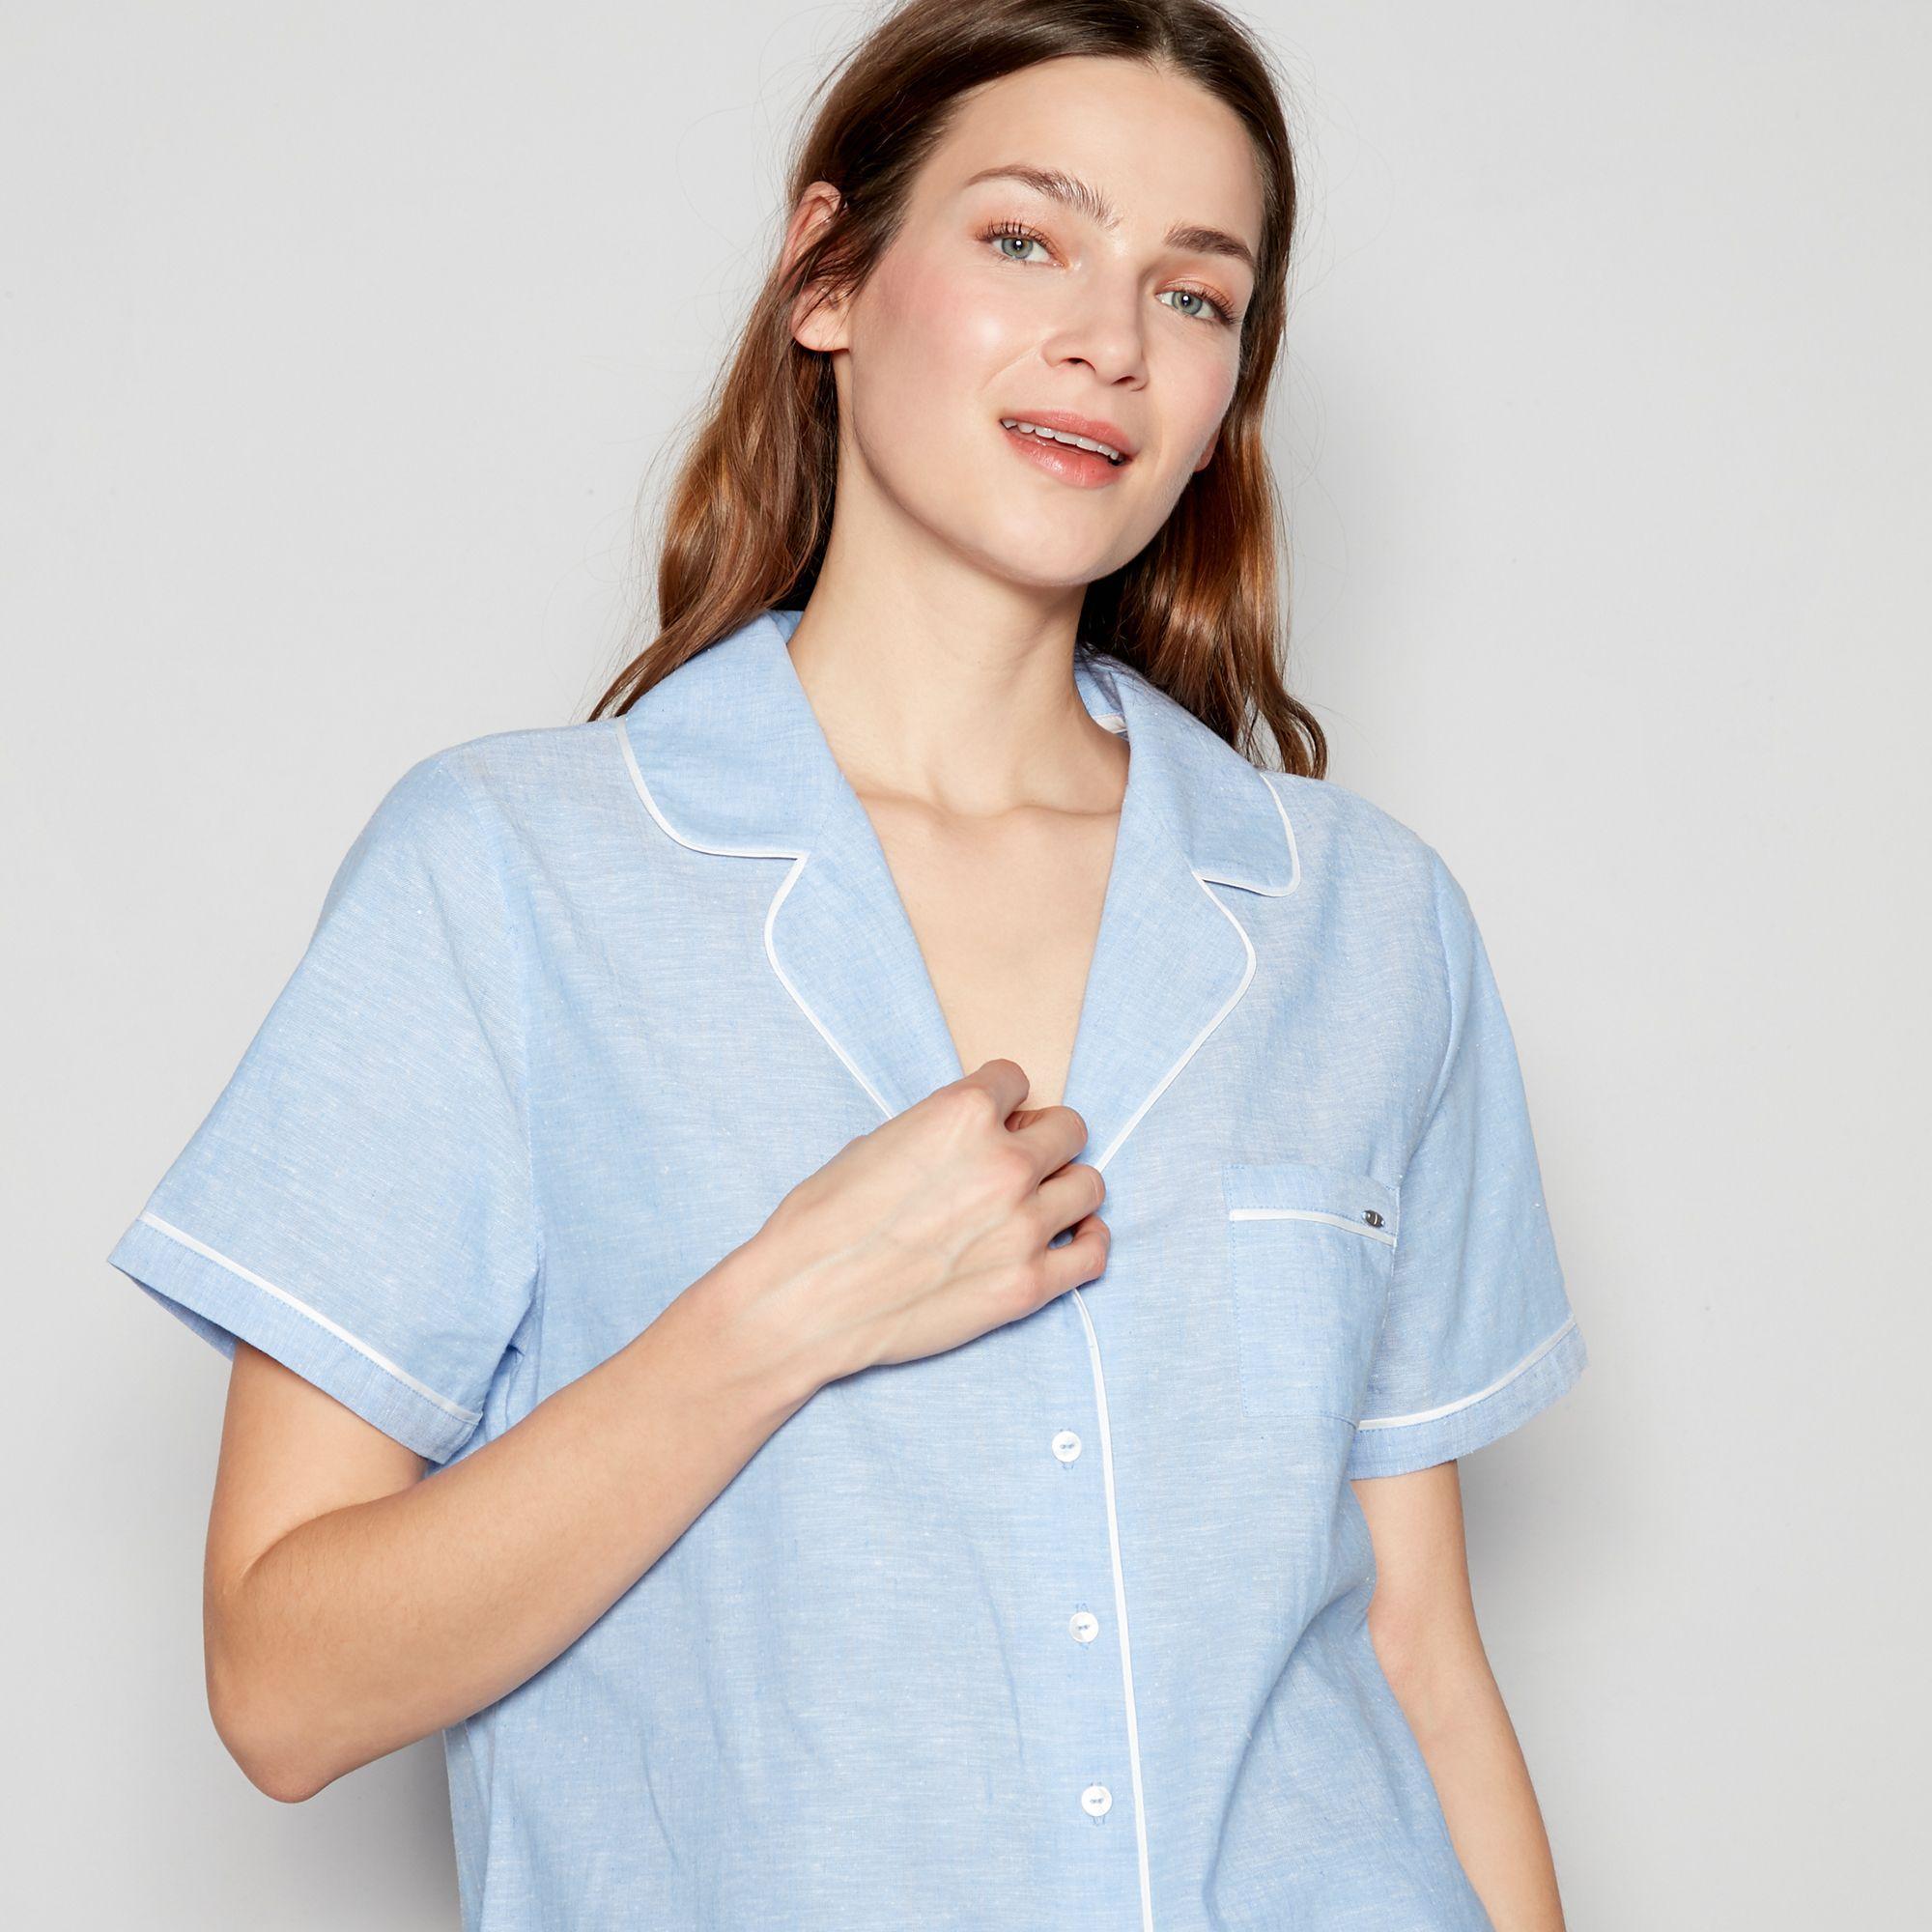 b7ade52e73c J By Jasper Conran Blue Monaco Cotton And Linen Pyjama Set in Blue ...